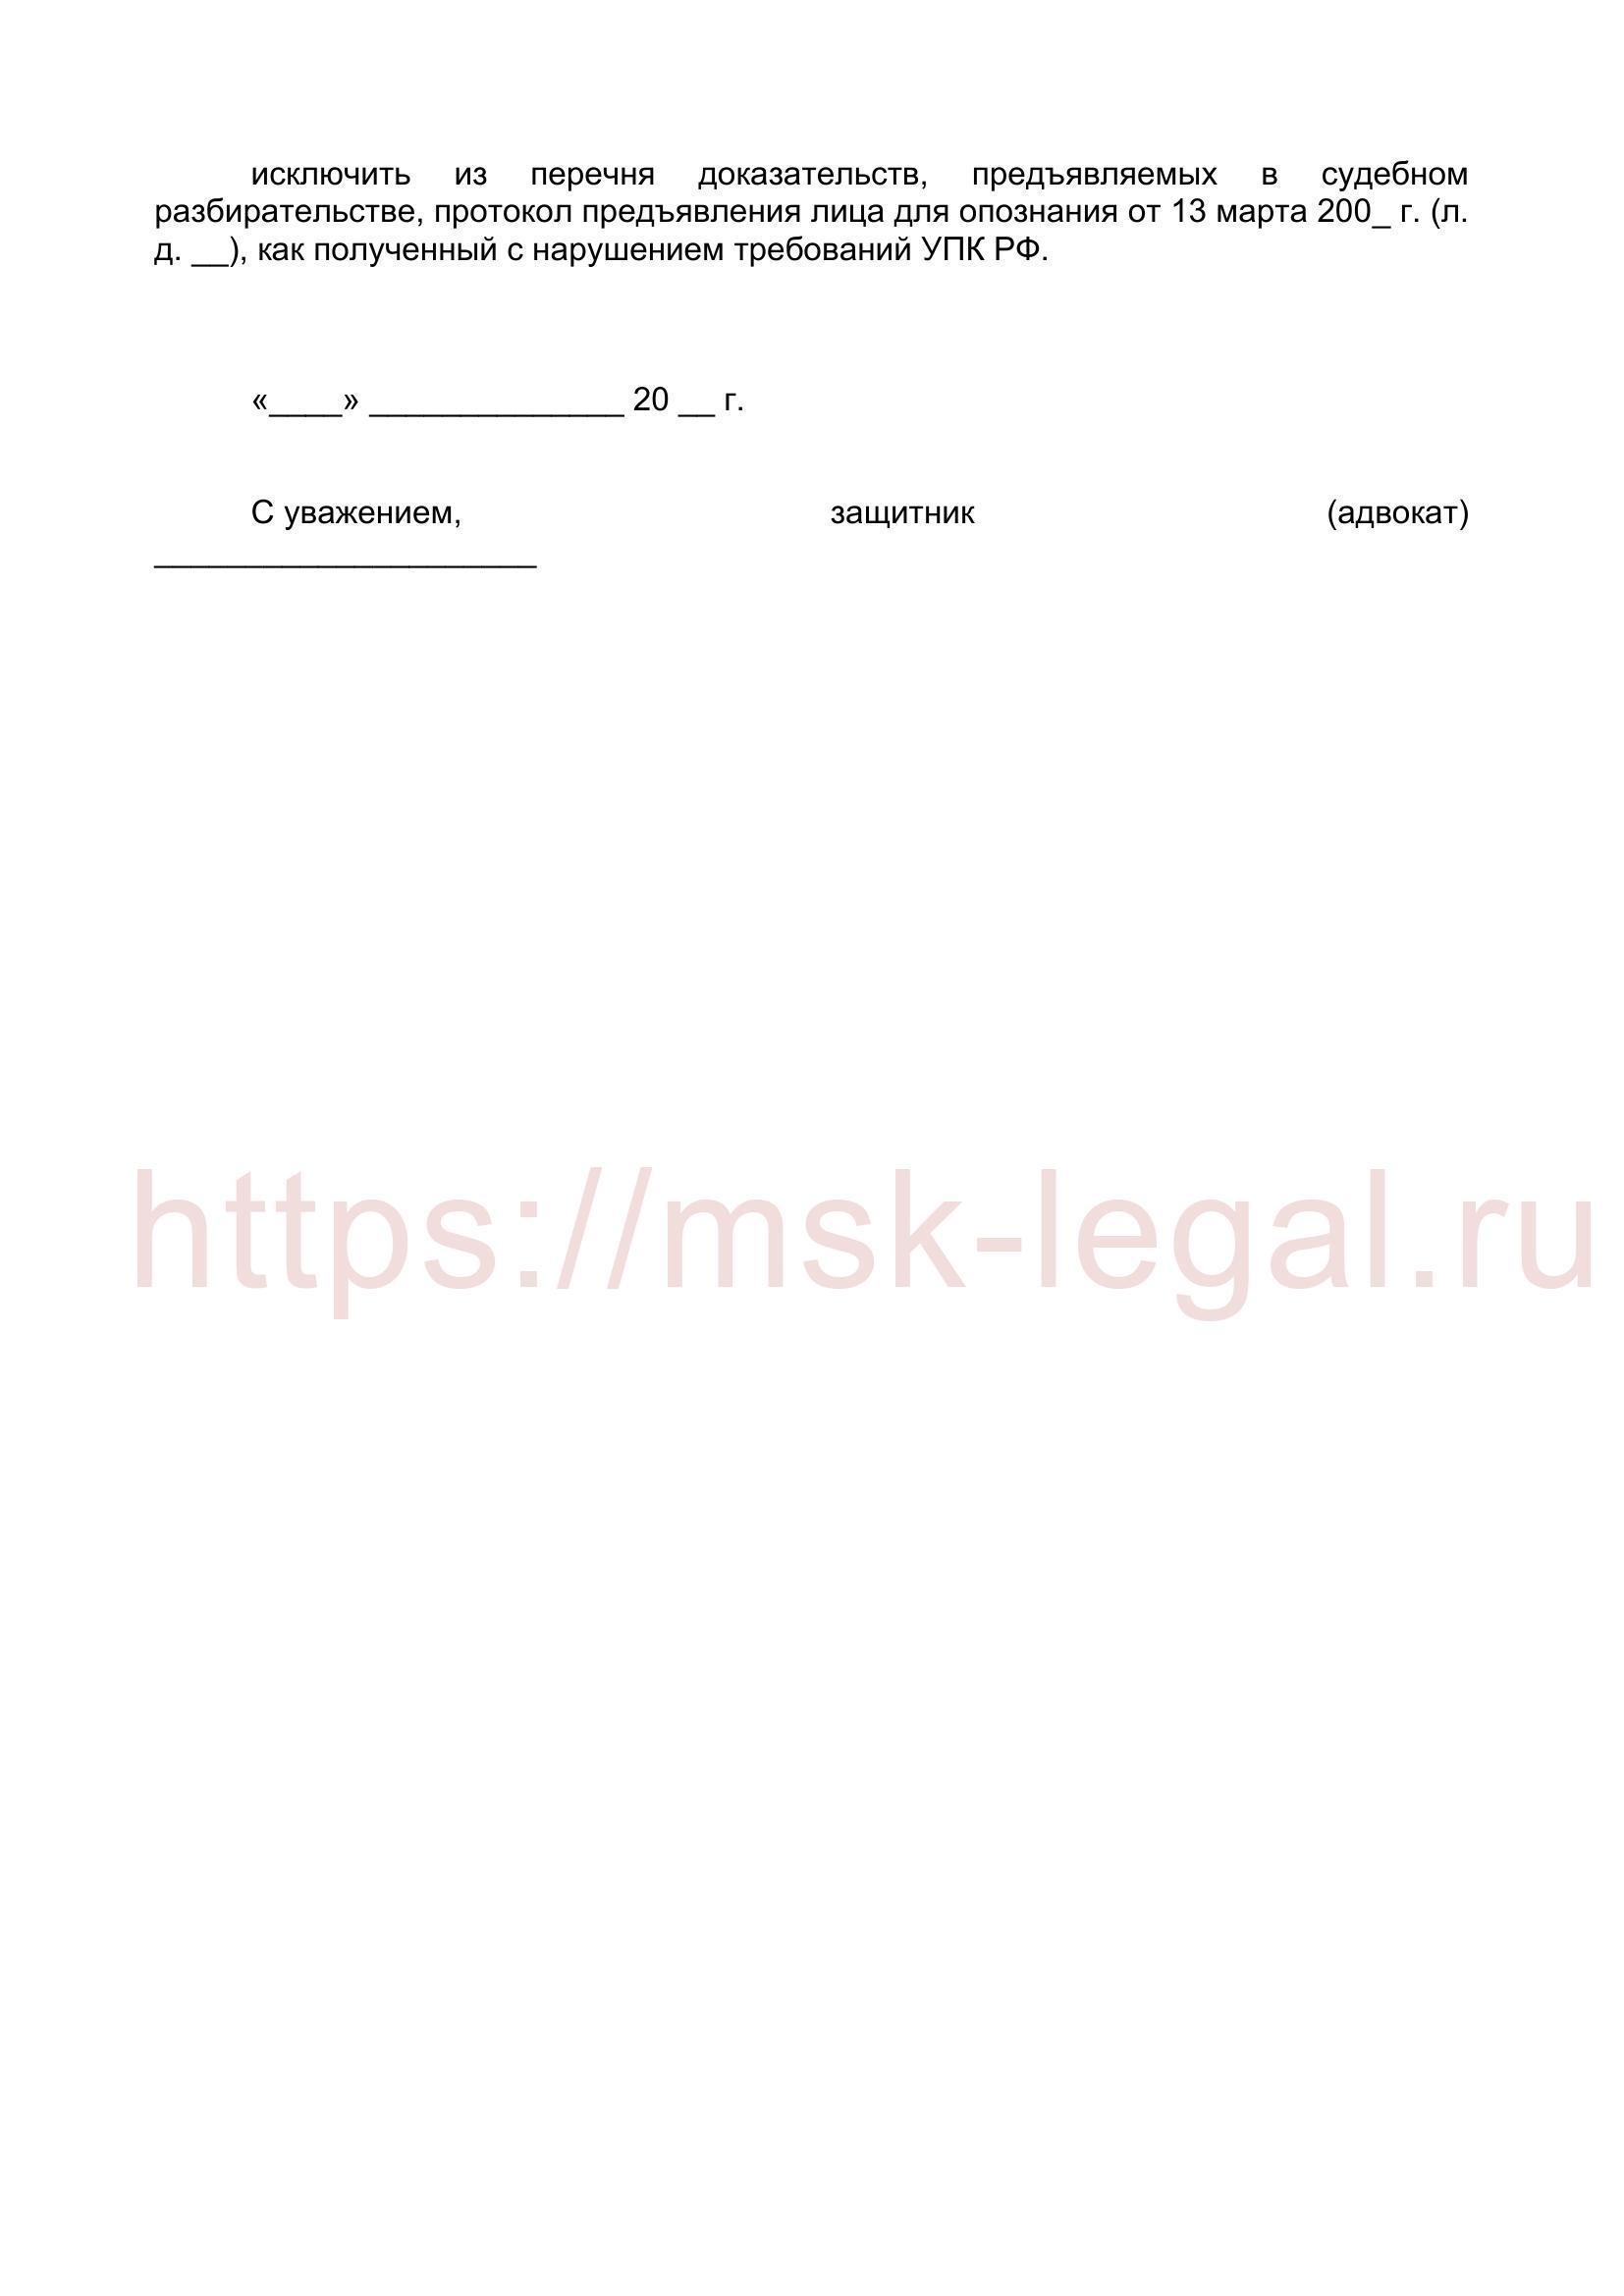 Об исключении недопустимого доказательства - протокола предъявления лица для опознания